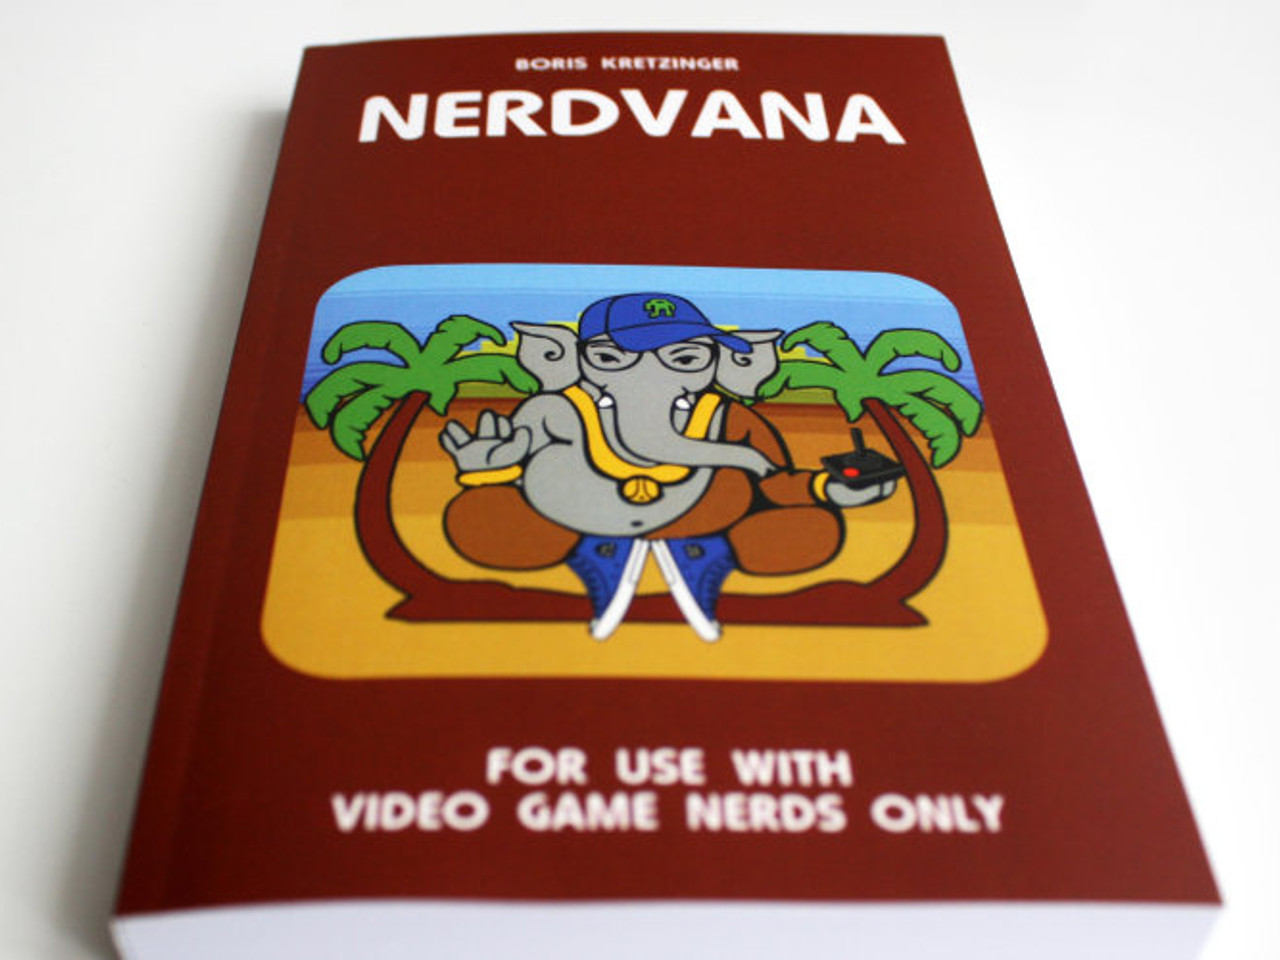 Nerdvana ist ein Roman über Videospiele. (Bild: Boris Kretzinger)